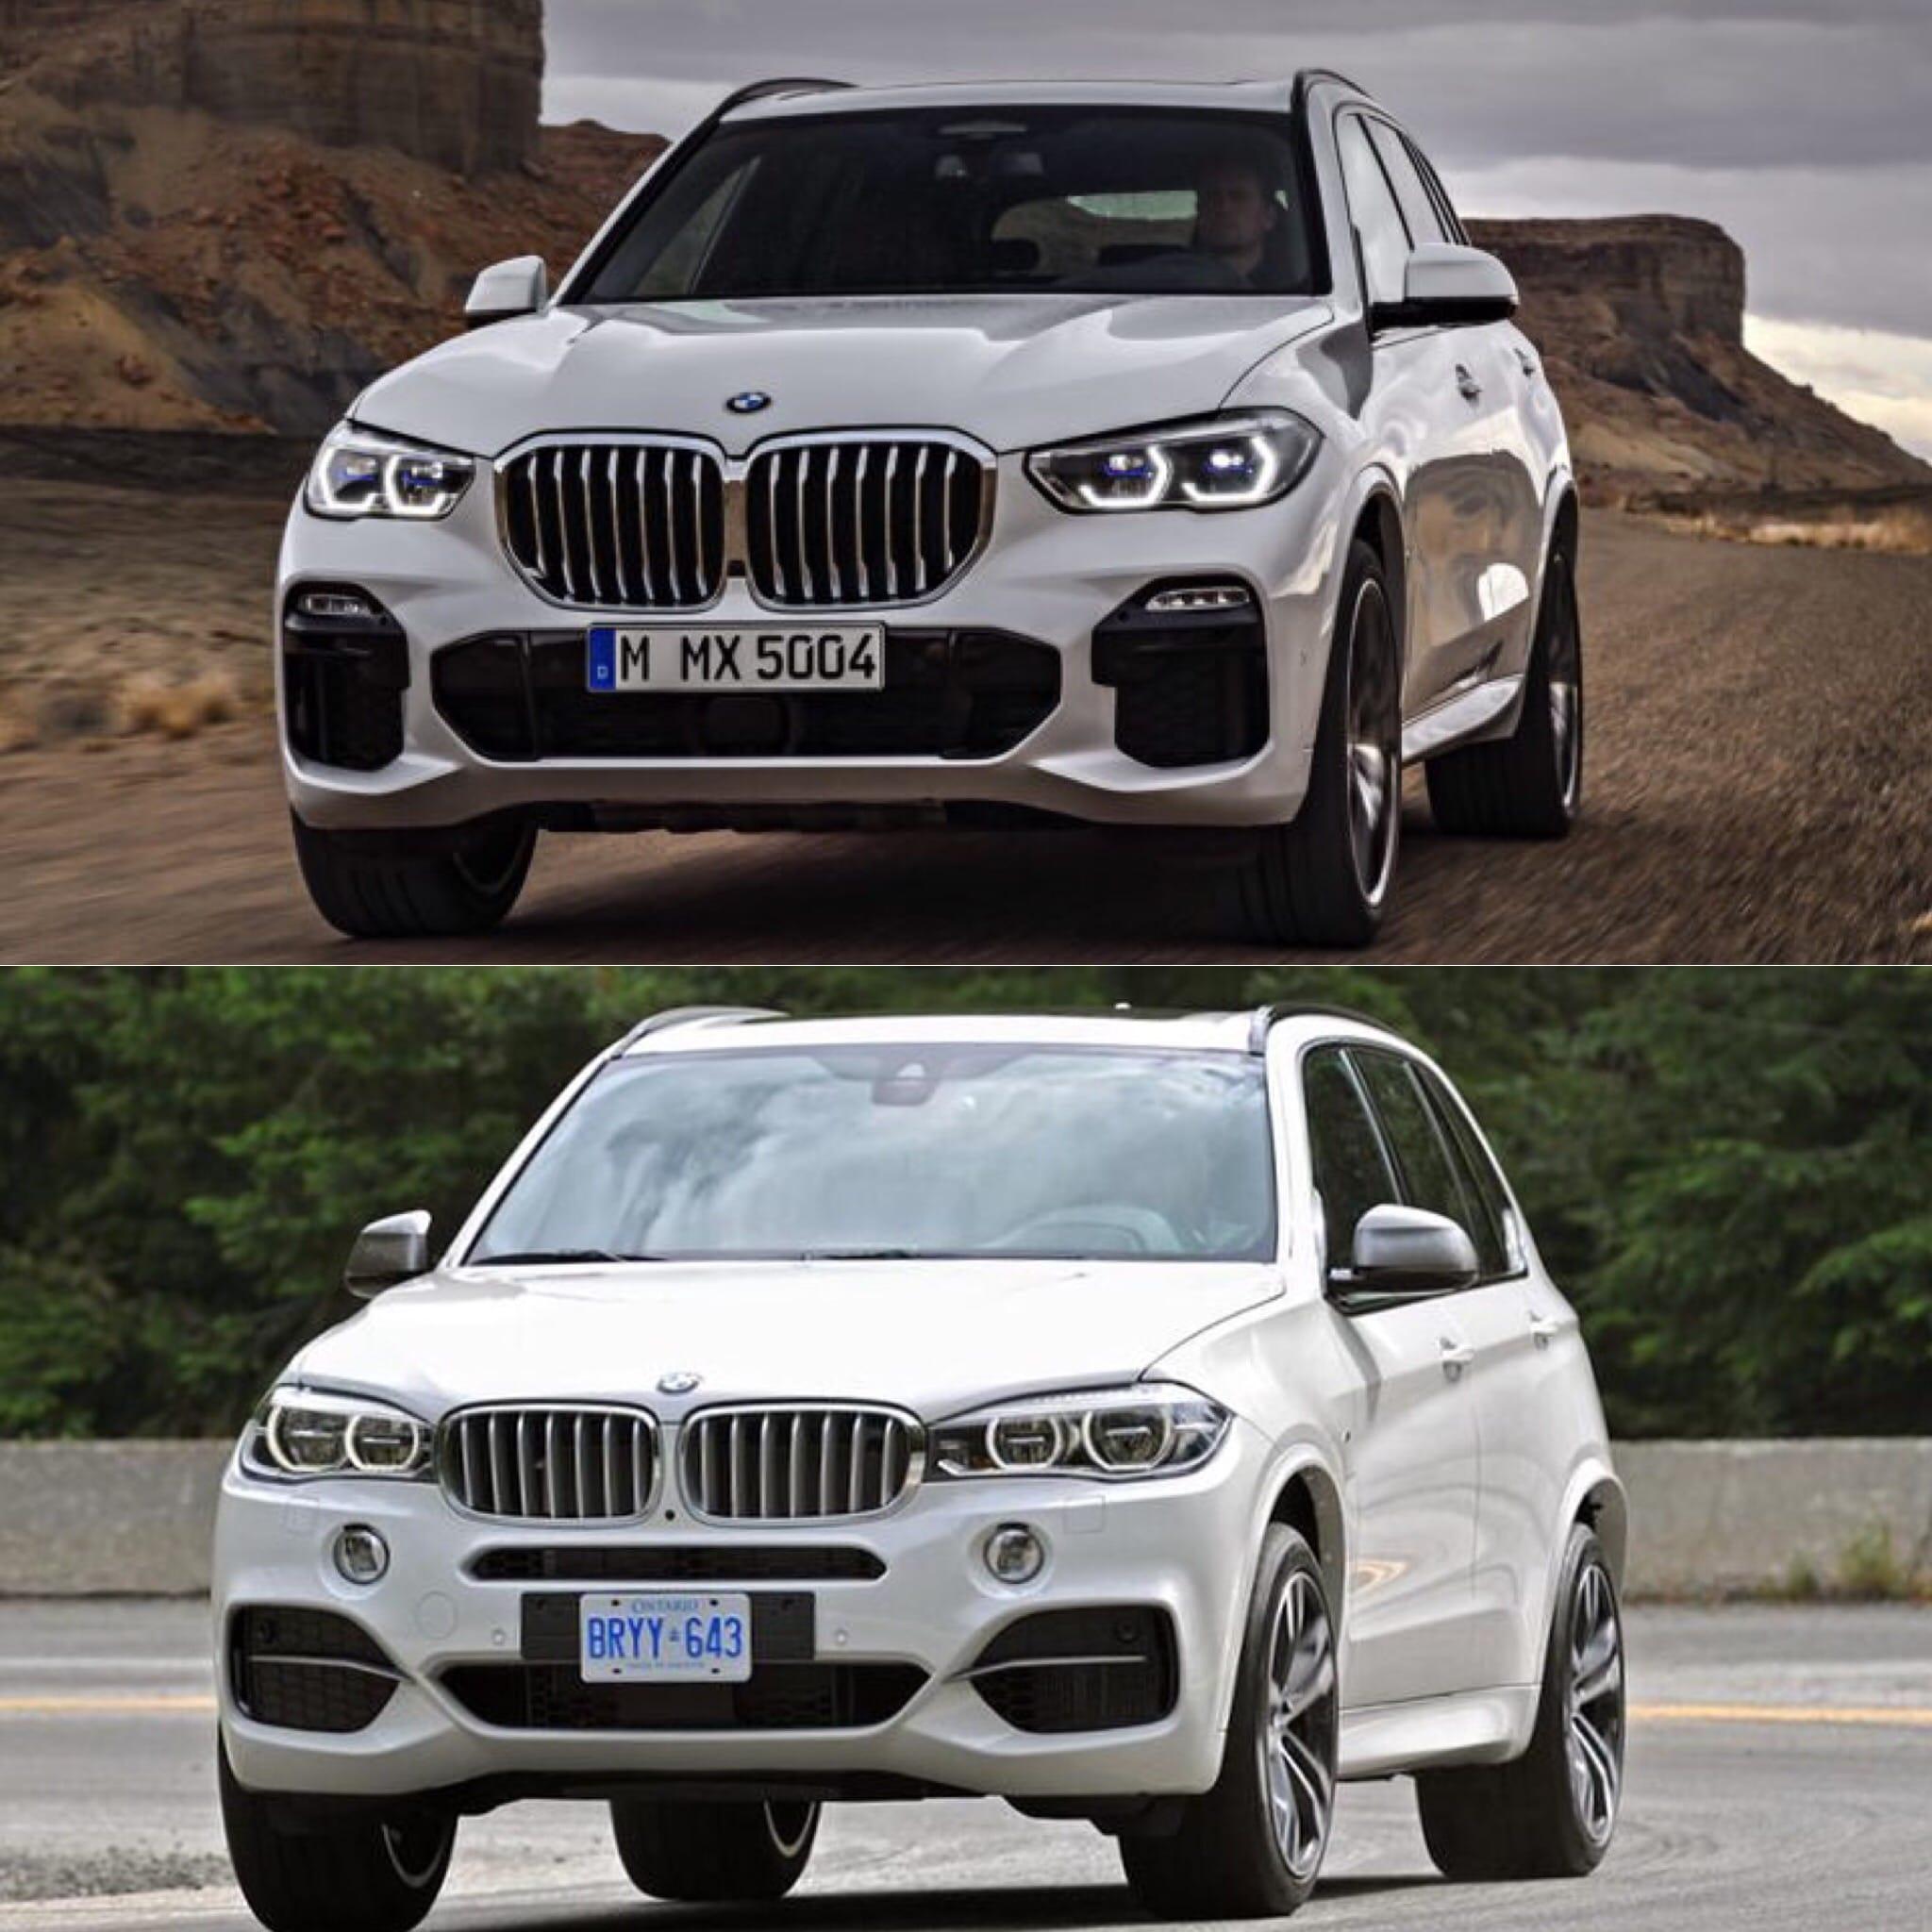 Bmw Of Murray 2019 Bmw X5 Compared To 2018 Bmw X5